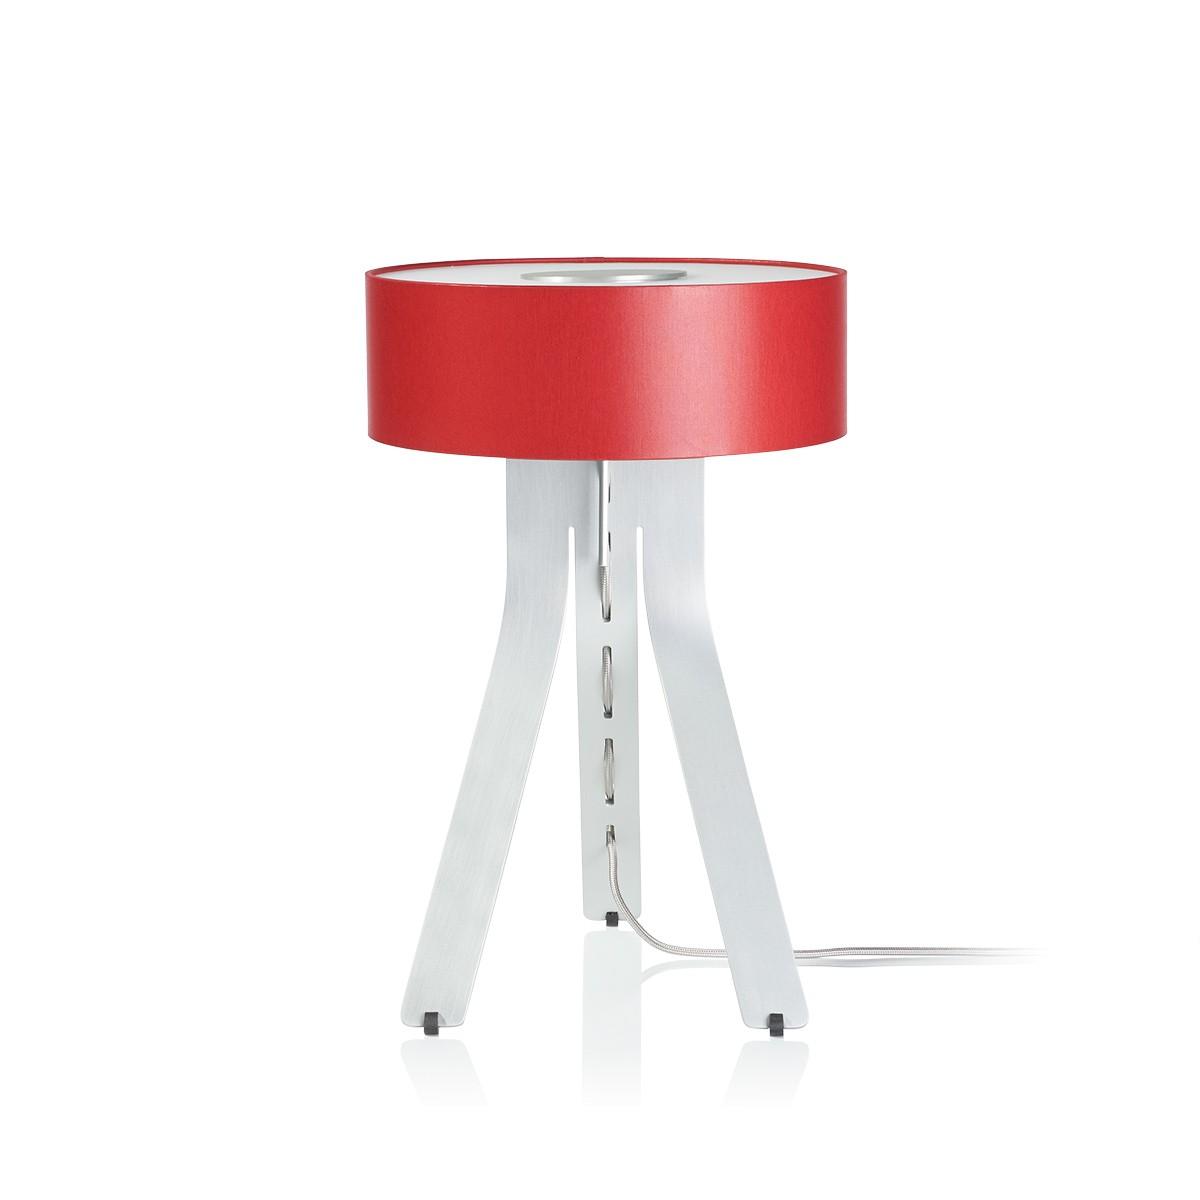 Byok Fino Tischleuchte, Alu matt, Korpus: Aluminium matt, Schirm: rot